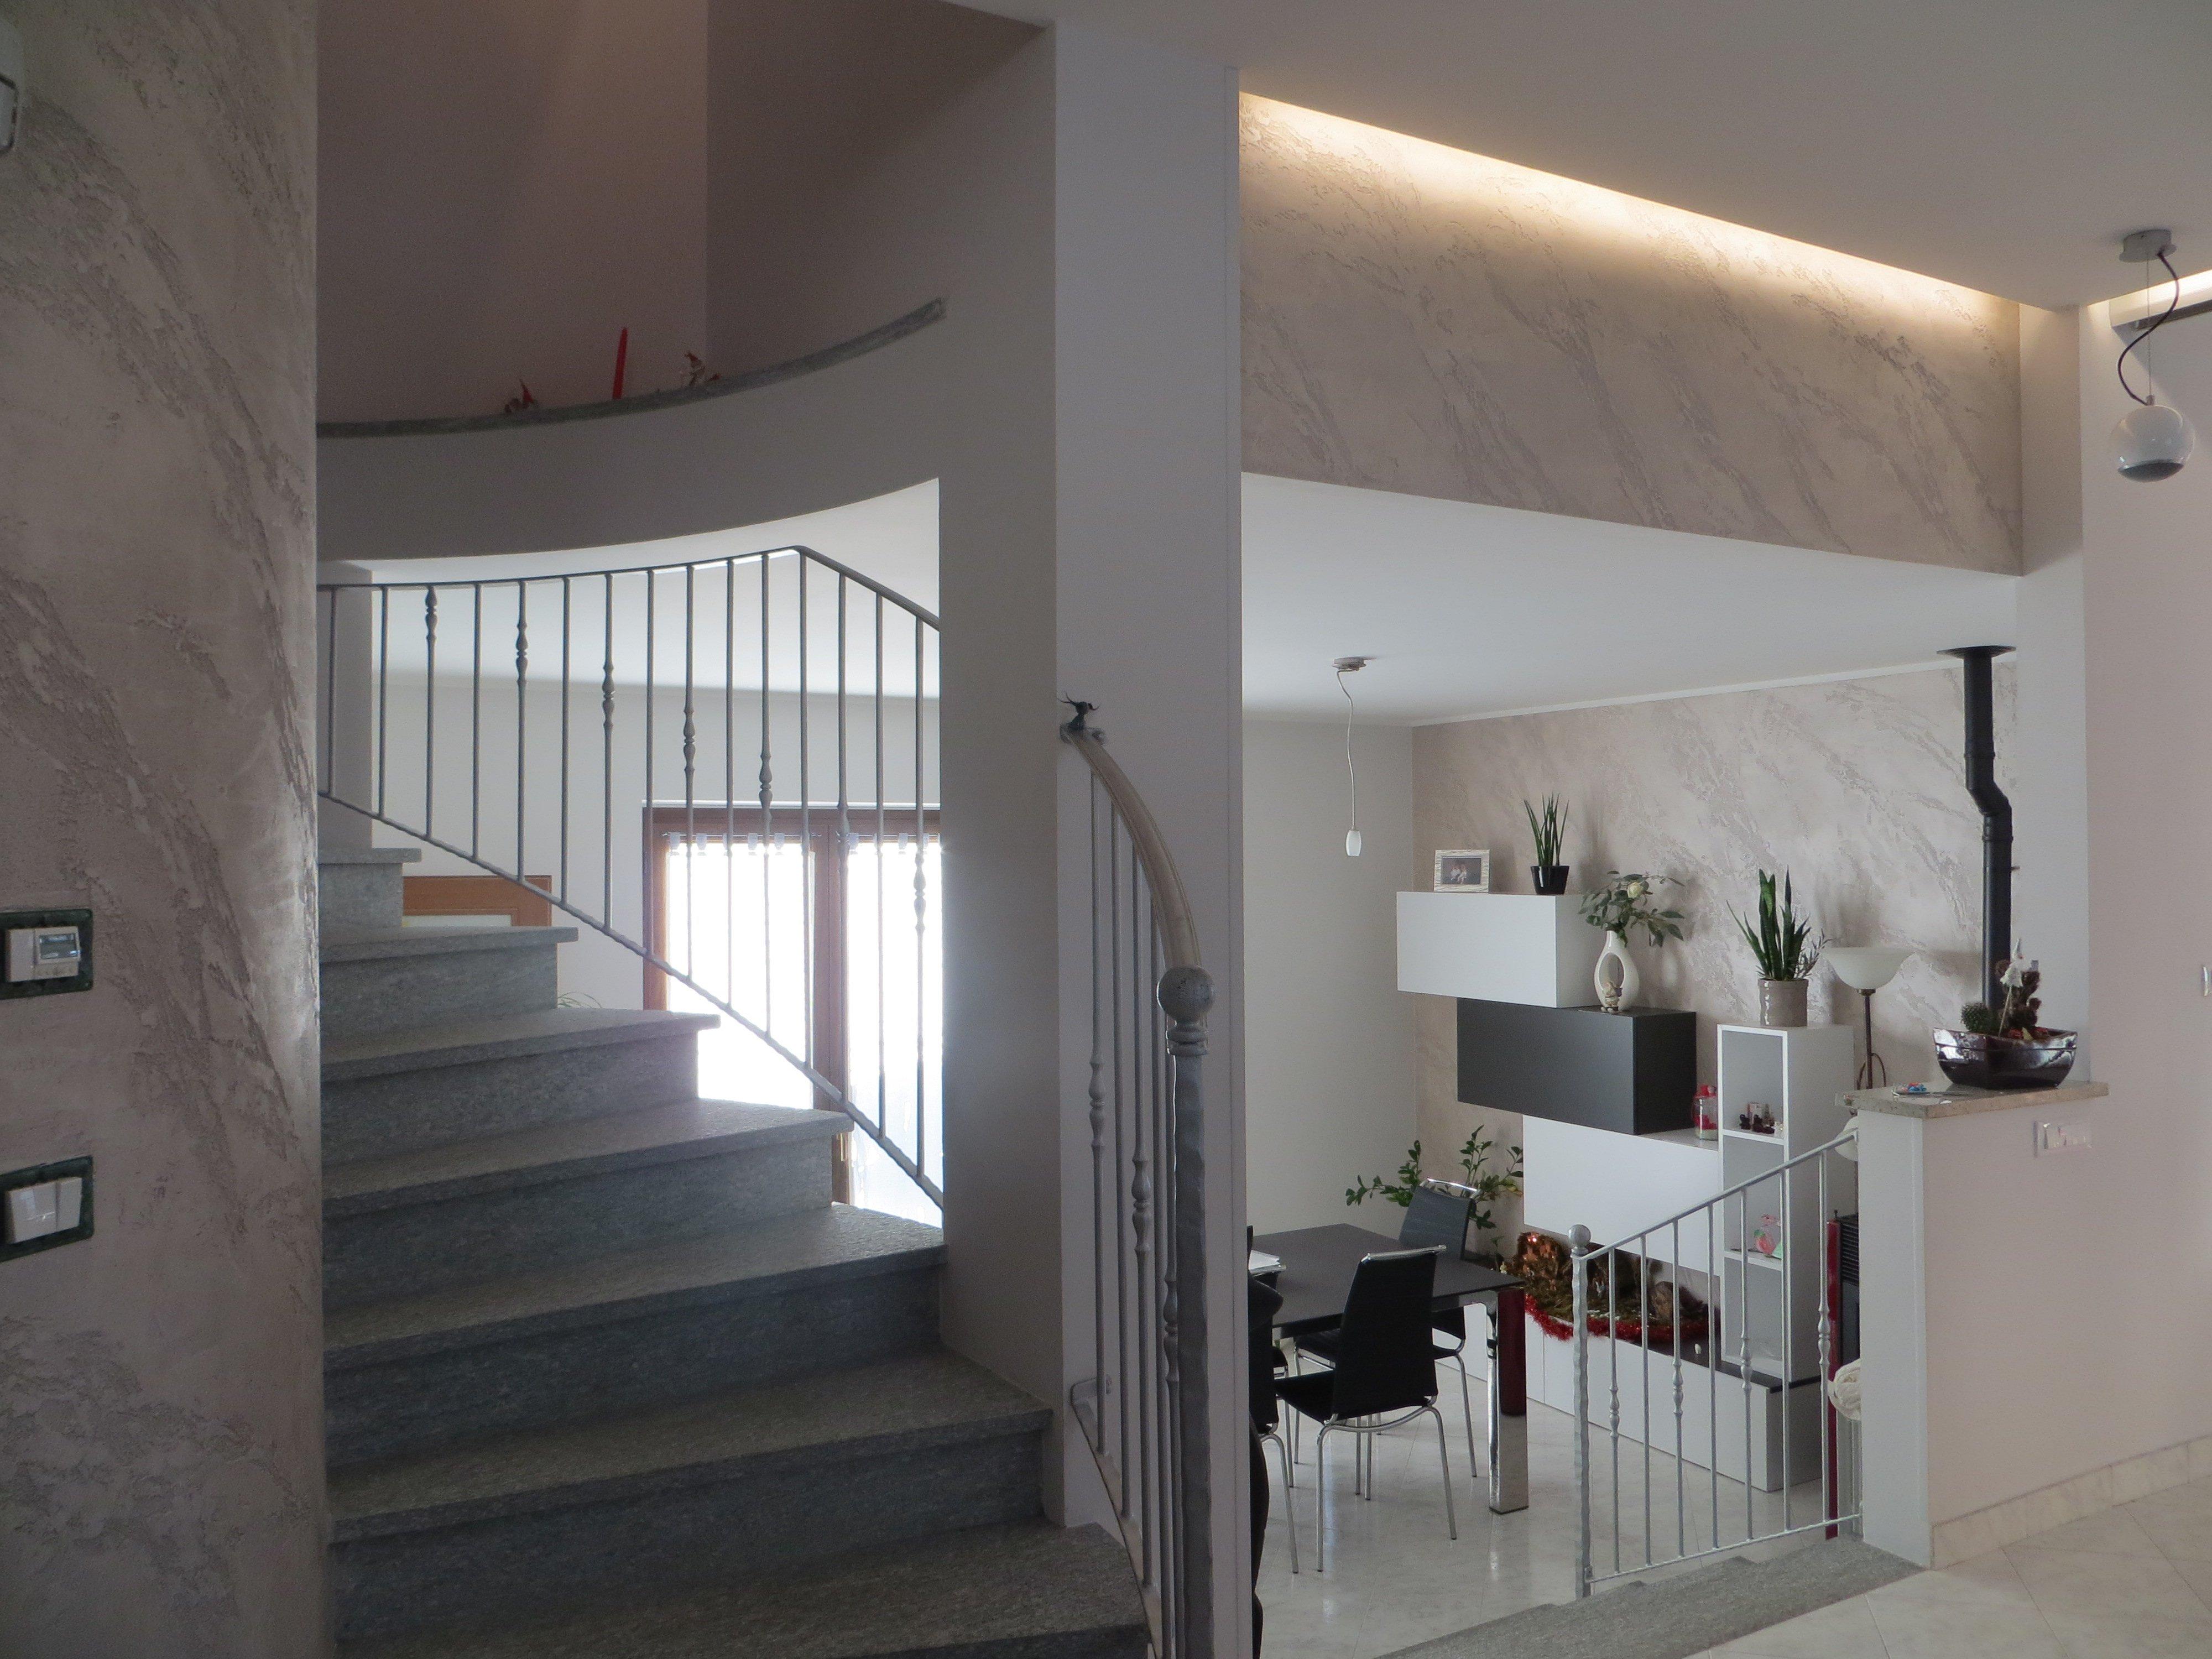 interno di un appartamento con scale